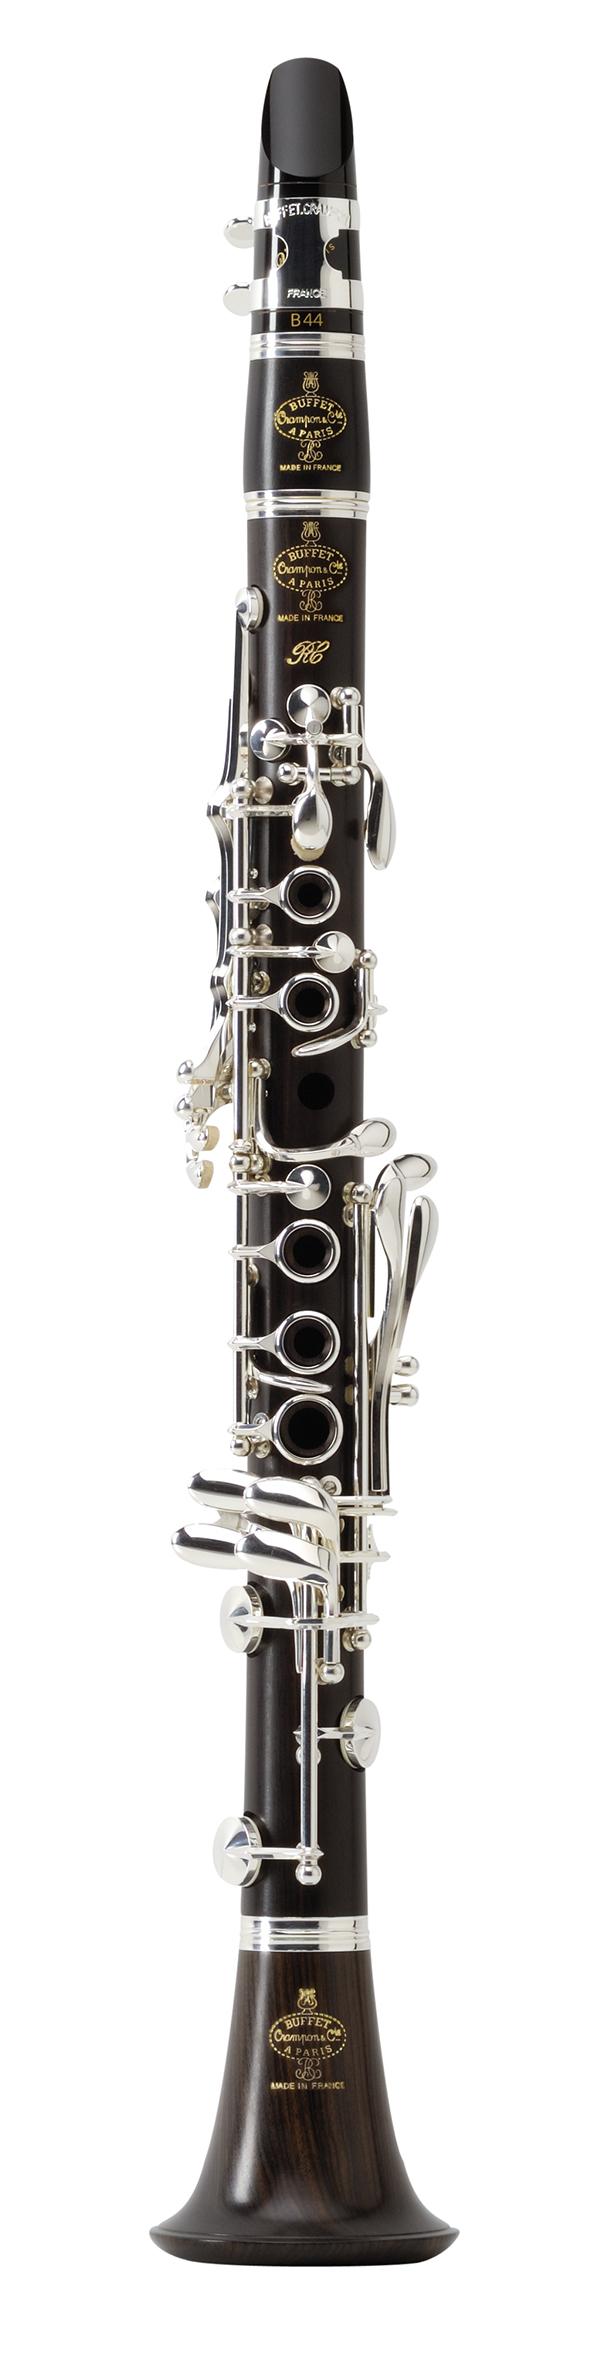 Buffet - BC - 1512 - 2 - 0 - RC - Holzblasinstrumente - Klarinetten | MUSIK BERTRAM Deutschland Freiburg